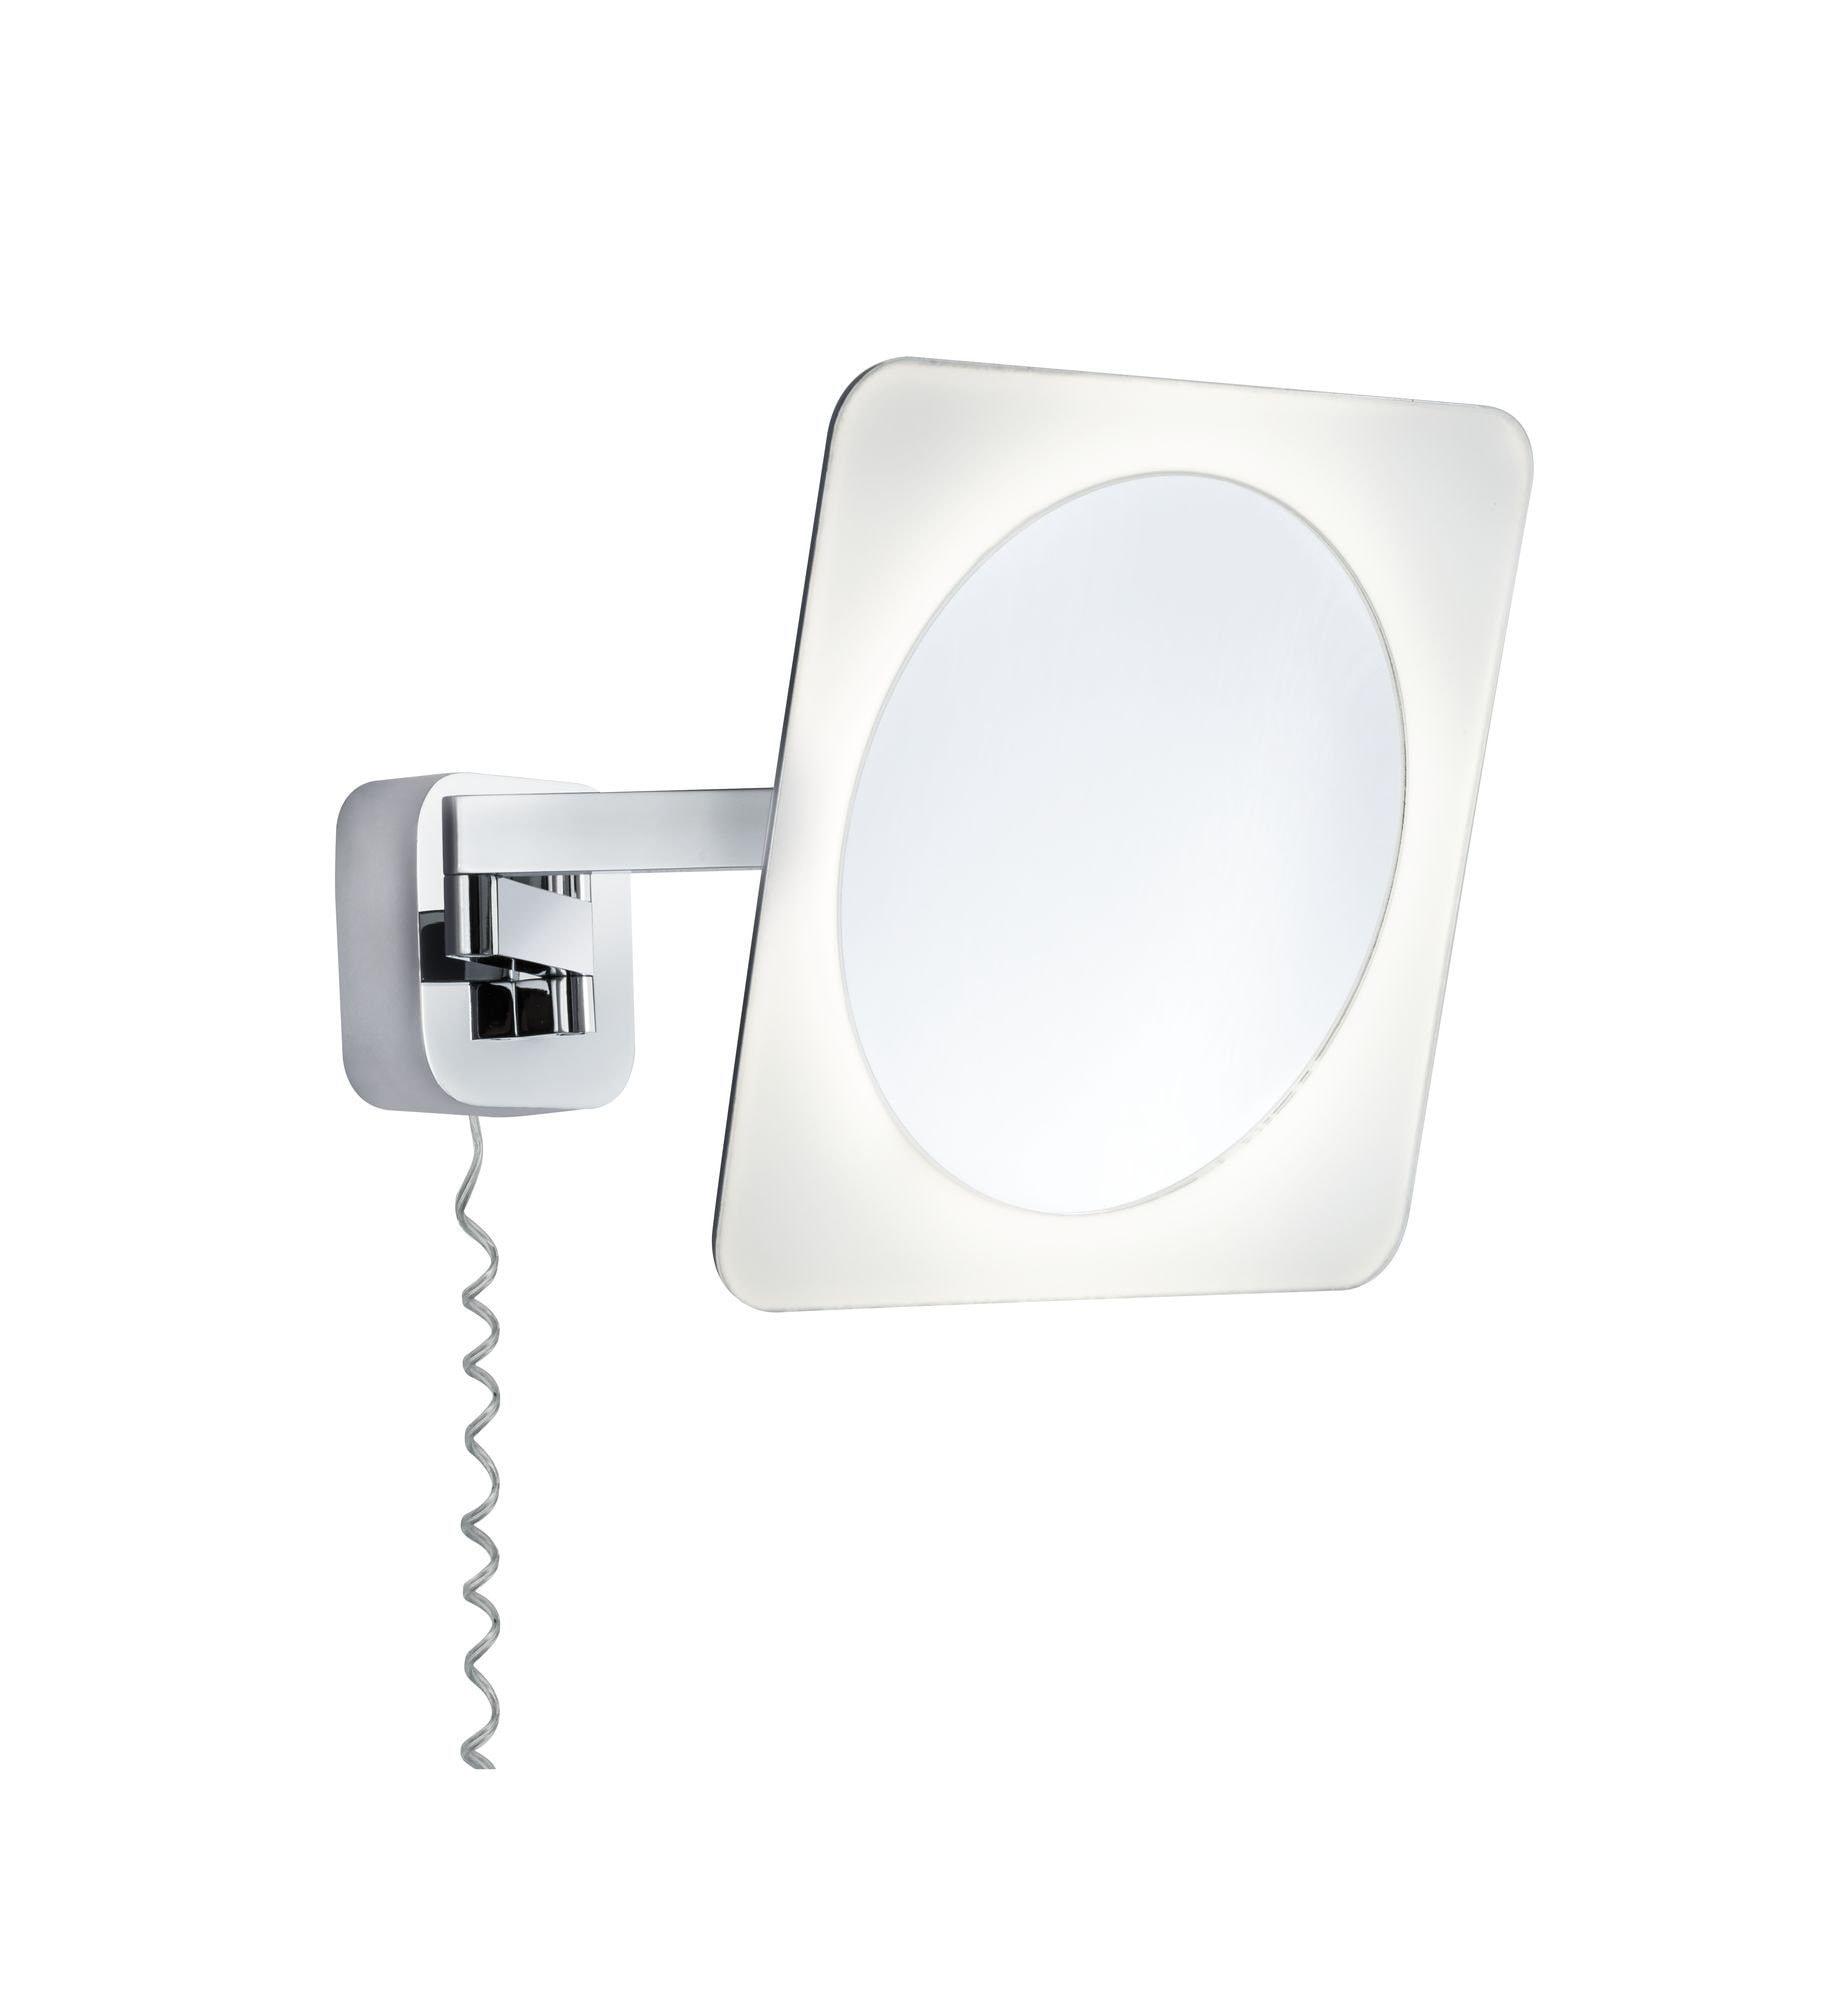 Paulmann LED Wandleuchte Kosmetikspiegel Bela 5,7W Chrom Weiß Spiegel Metall, 1 St., Warmweiß